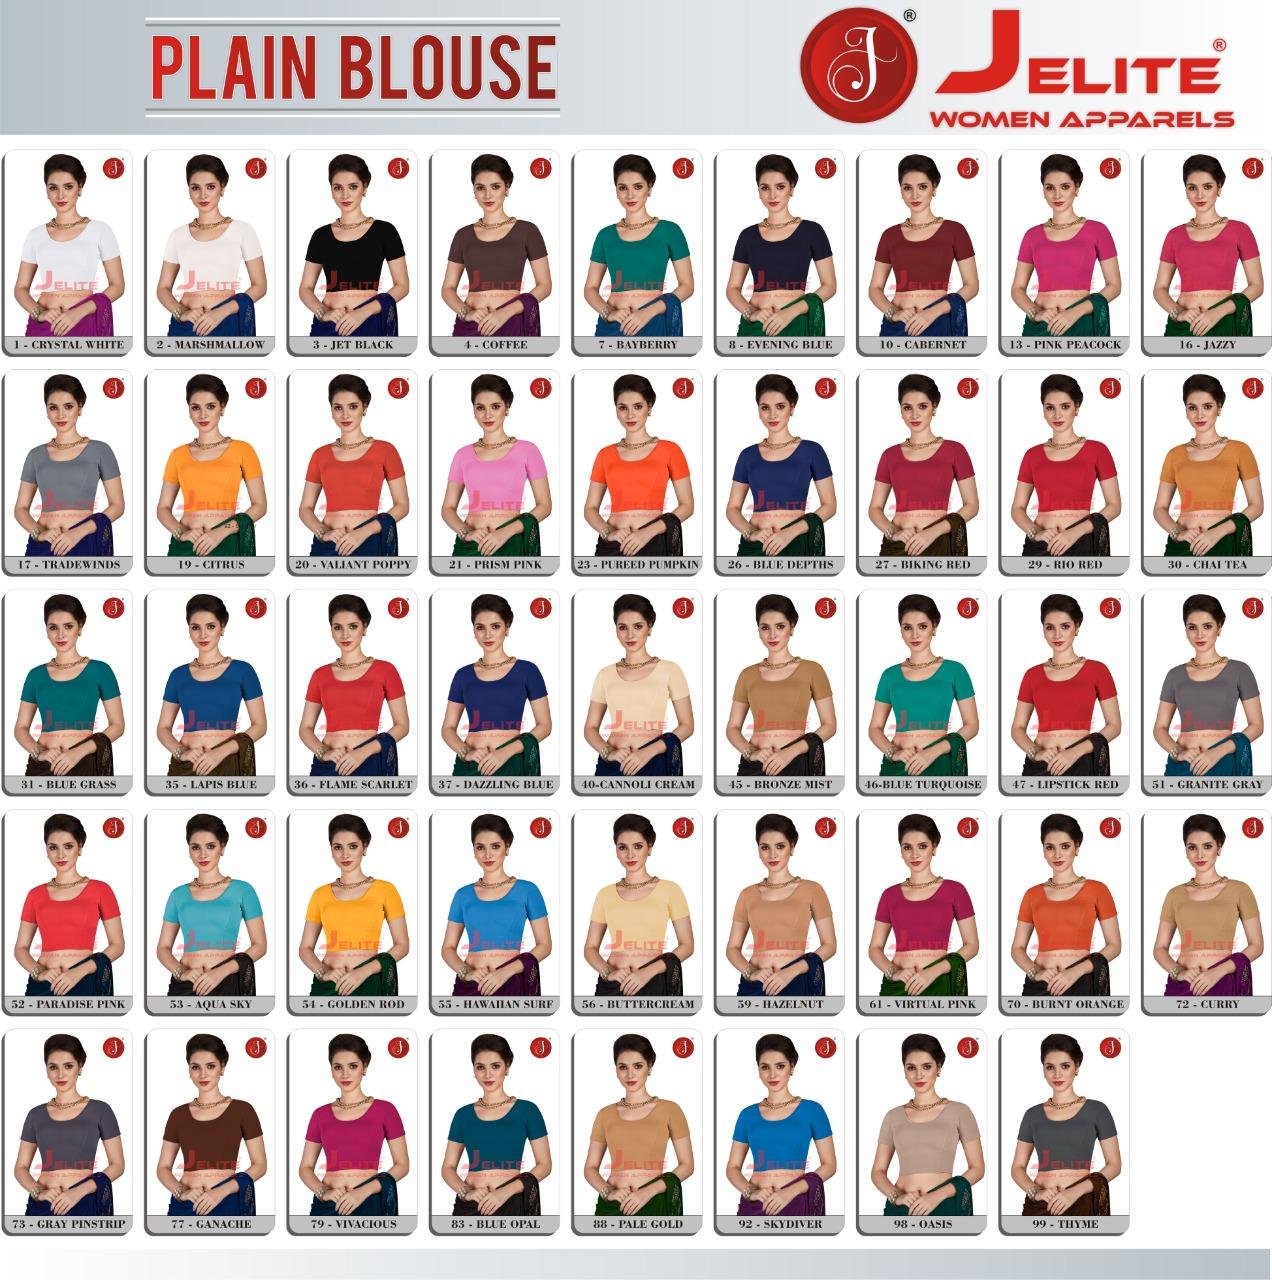 Jelite Blouse Vol 1 Wholesale Catalog 13 Pcs 14 1 - Jelite Blouse Vol 3 Half Net Wholesale Catalog 8 Pcs